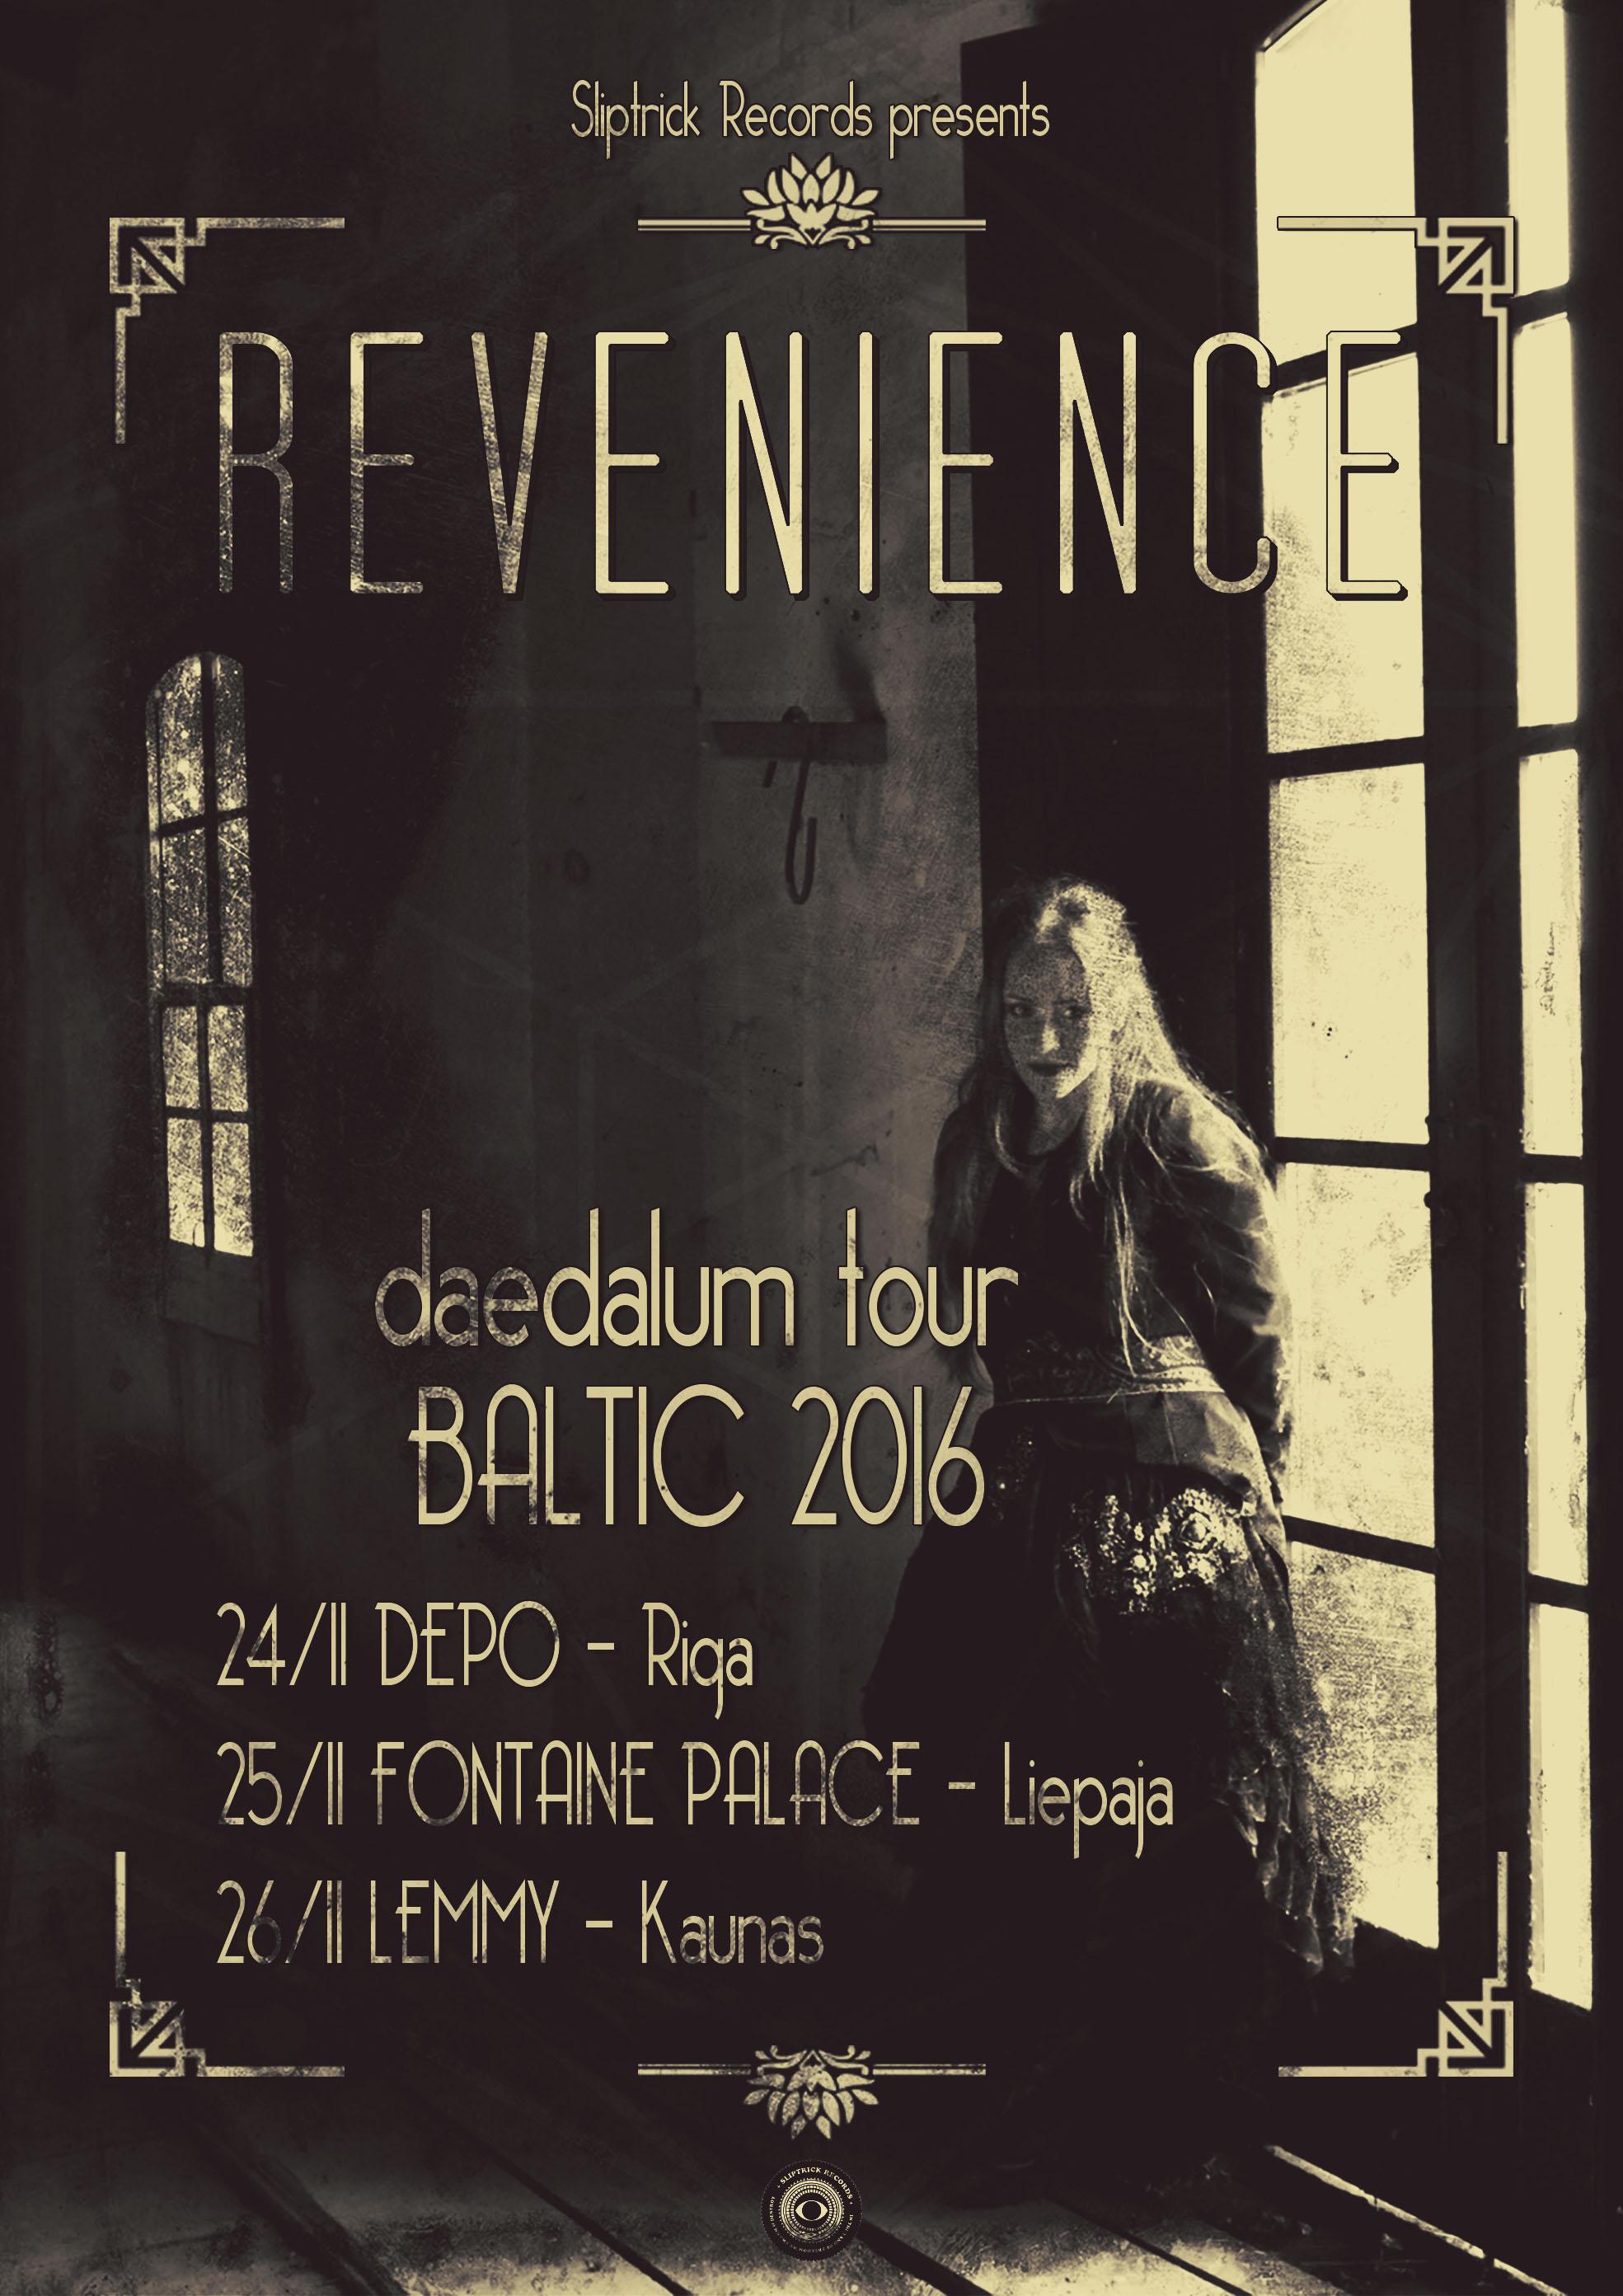 Revenience - Daedalum Tour | Baltic 2016